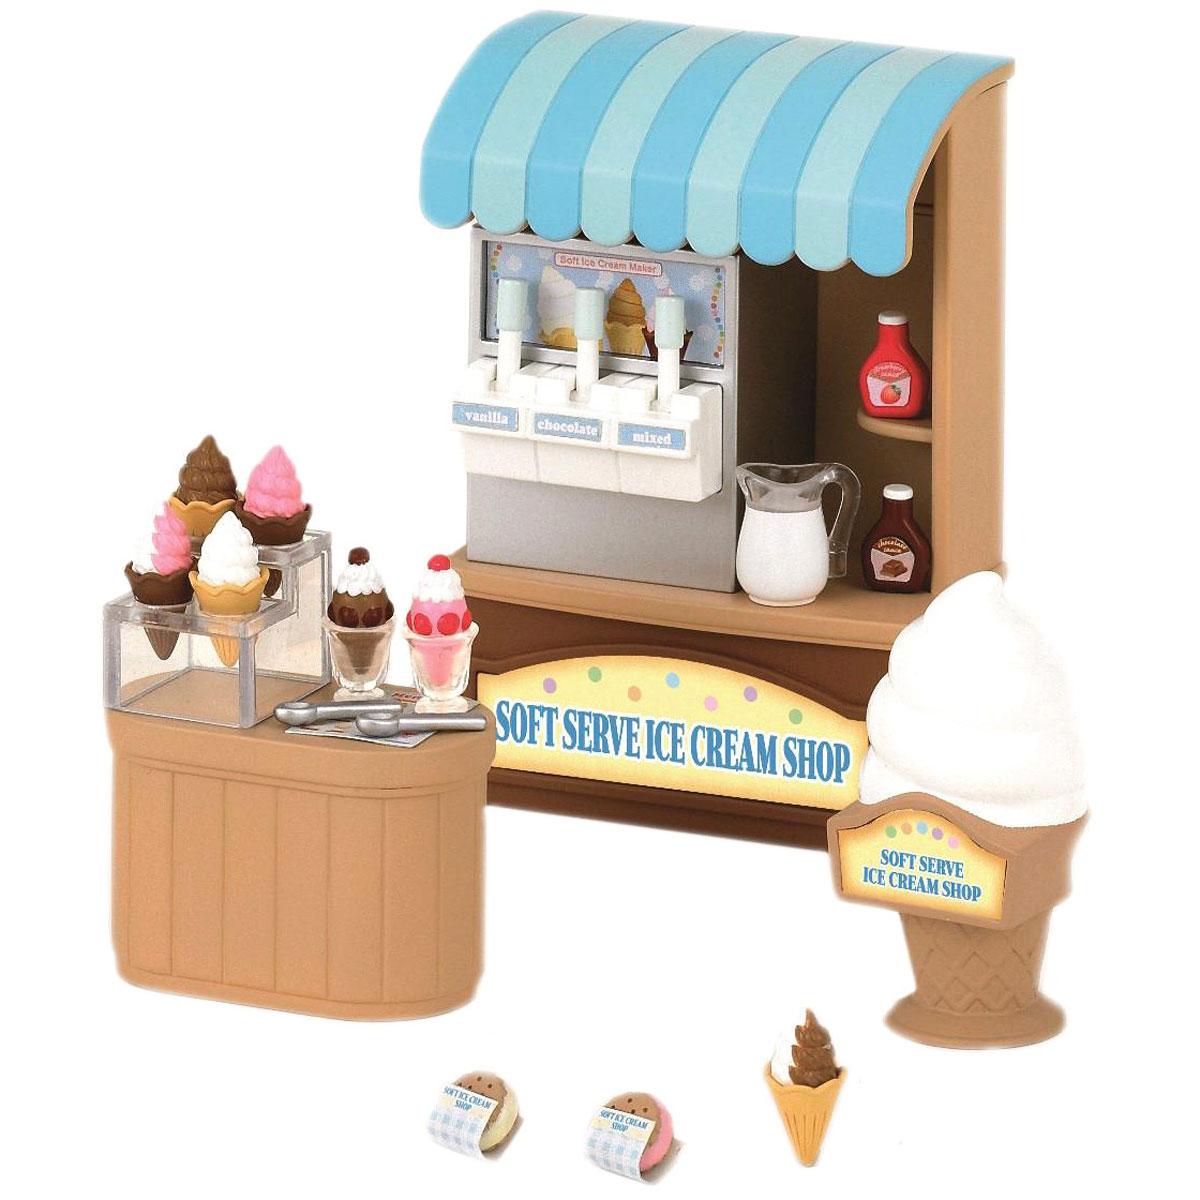 Sylvanian Families Игровой набор Магазин мороженого2811Игровой набор Sylvanian Families Магазин мороженого привлечет внимание вашей малышки и не позволит ей скучать. Набор включает в себя аппарат с мороженым, прилавок, подставку для мороженого, бутылочки с джемом и другие аксессуары. Ваша малышка будет часами играть с набором, придумывая различные истории. Sylvanian Families - это целый мир маленьких жителей, объединенных общей легендой. Жители страны Sylvanian Families - это кролики, белки, медведи, лисы и многие другие. У каждого из них есть дом, в котором есть все необходимое для счастливой жизни. В городе, где живут герои, есть школа, больница, рынок, пекарня, детский сад и множество других полезных объектов. Жители этой страны живут семьями, в каждой из которой есть дети. В домах Sylvanian Families царит уют и гармония. Домашние животные радуют хозяев. Здесь продумана каждая мелочь, от одежды до мебели и аксессуаров. Размер аппарата с мороженым: 7 см х 10 см х 3,5 см.